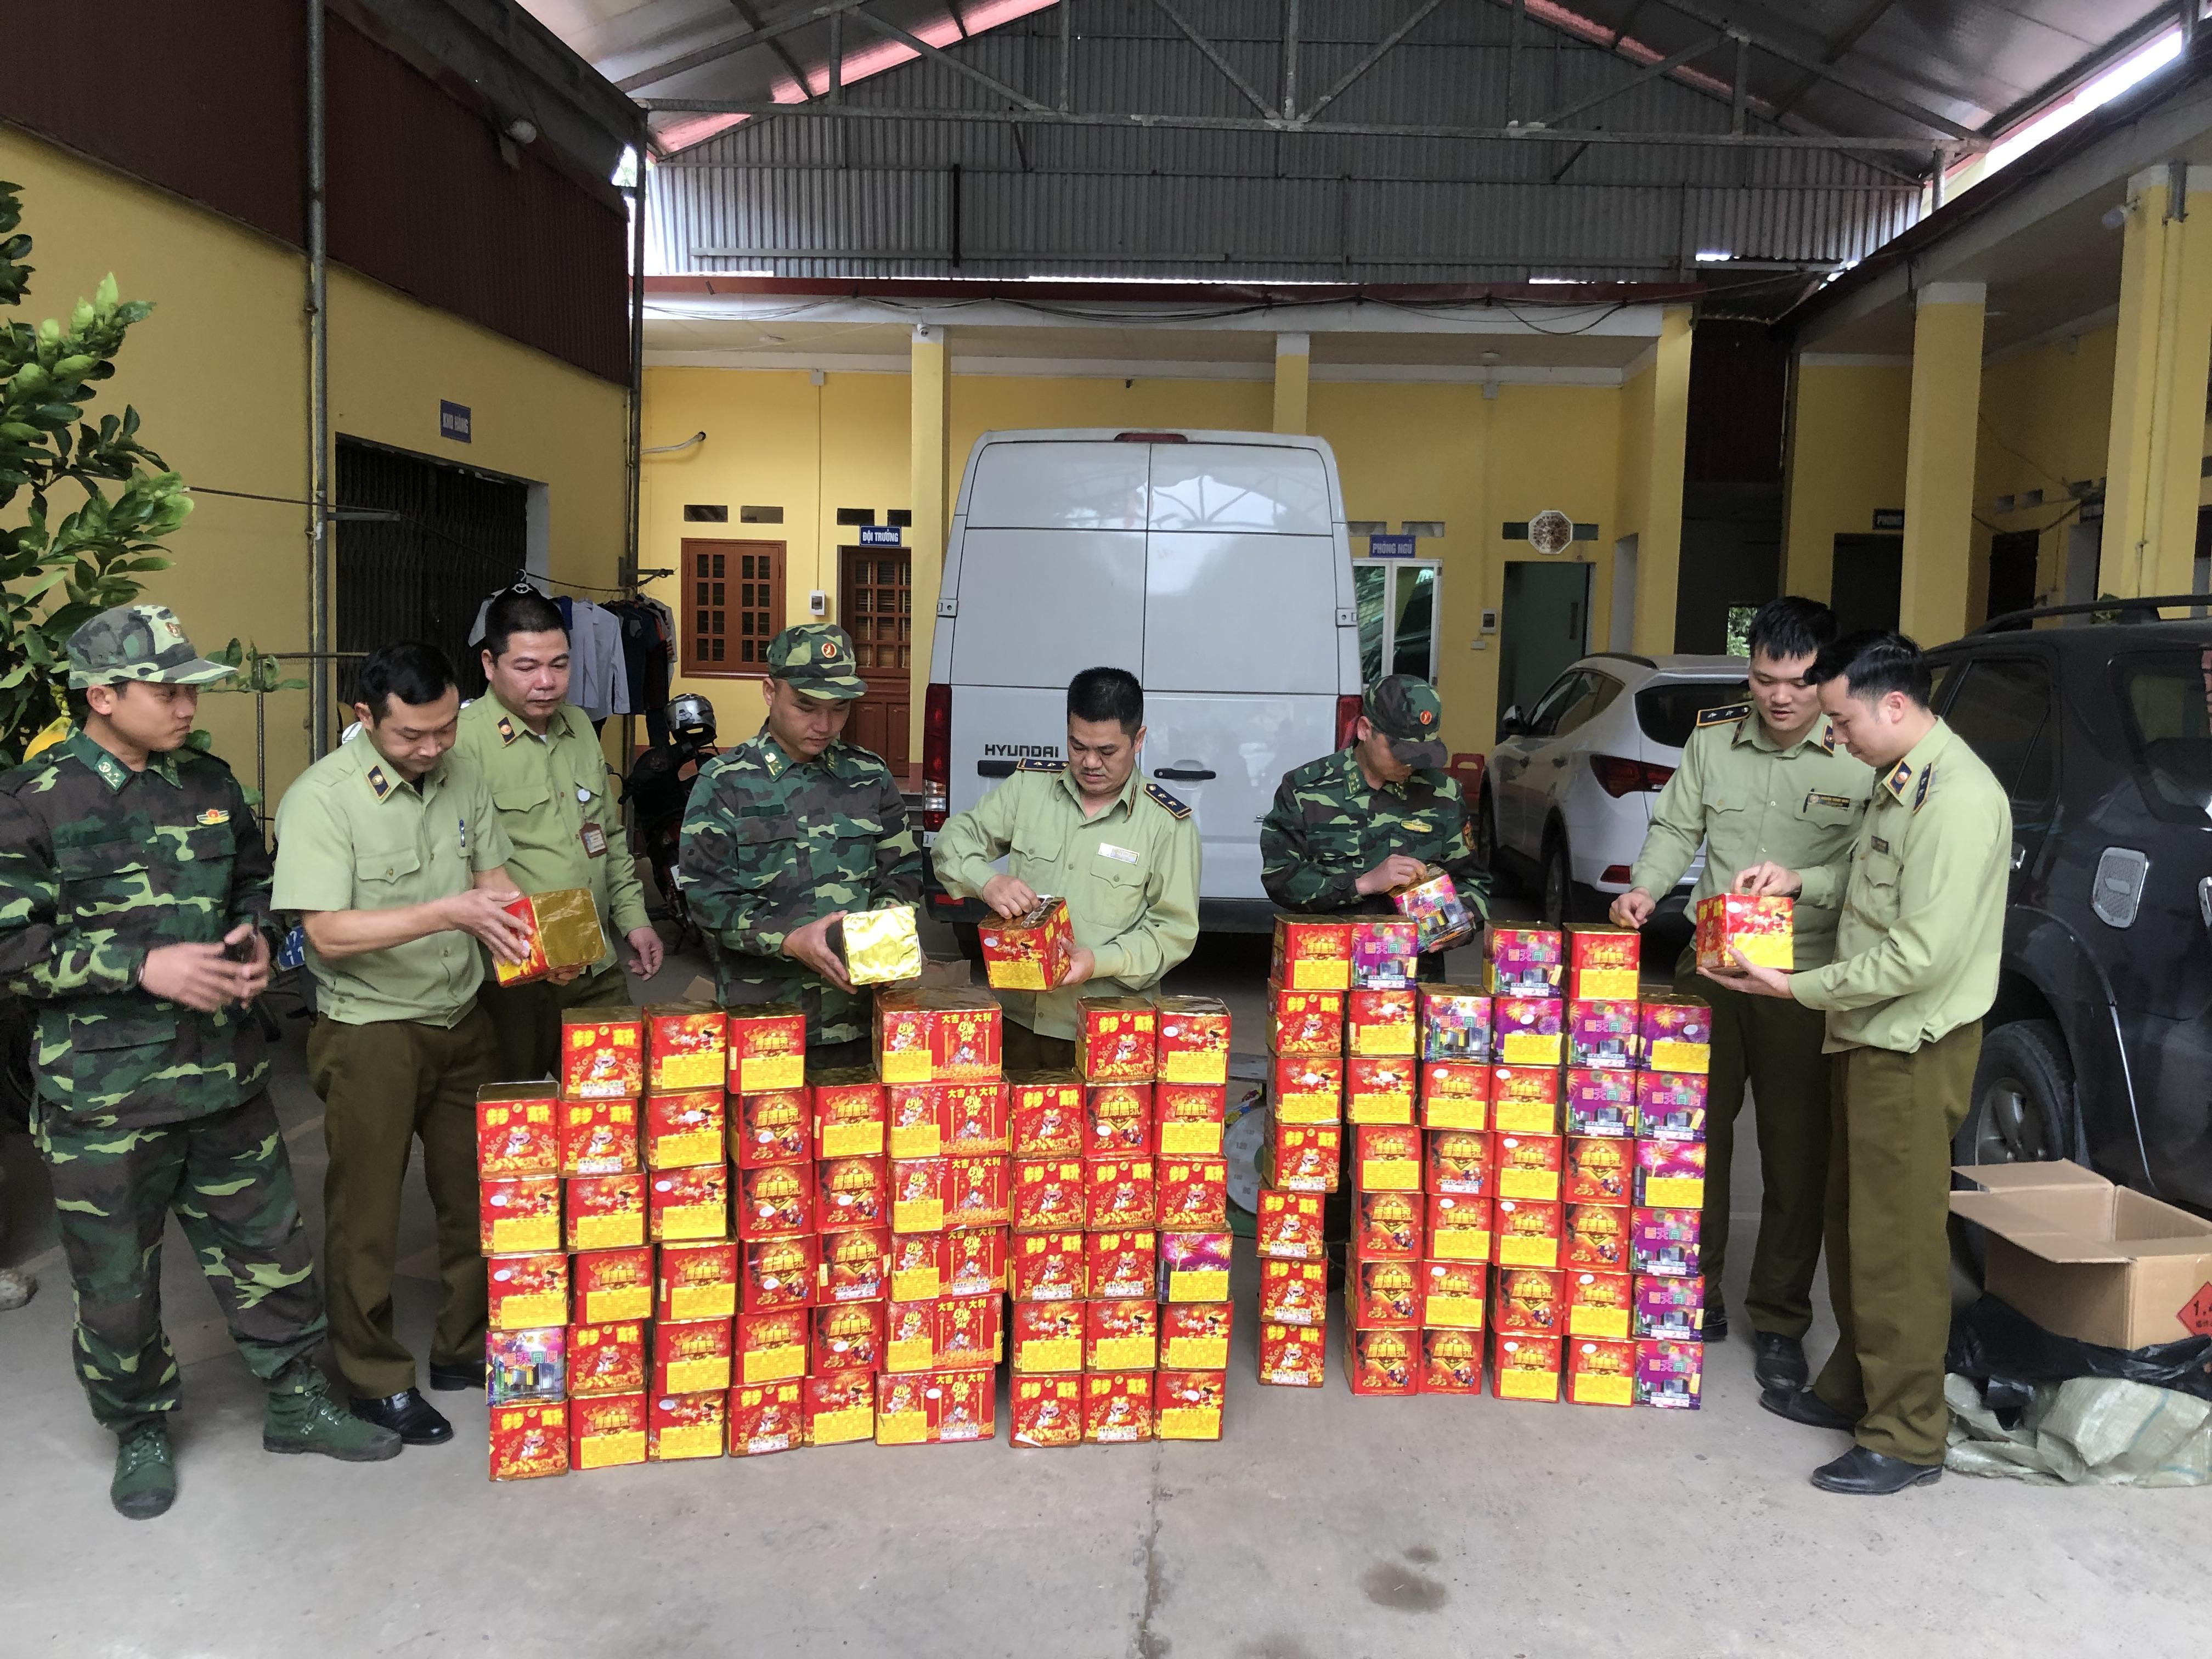 Quản lý thị trường Lạng Sơn: Ngăn chặn kịp thời lượng pháo nổ đang trên đường vận chuyển về nội địa (9/1/2020)